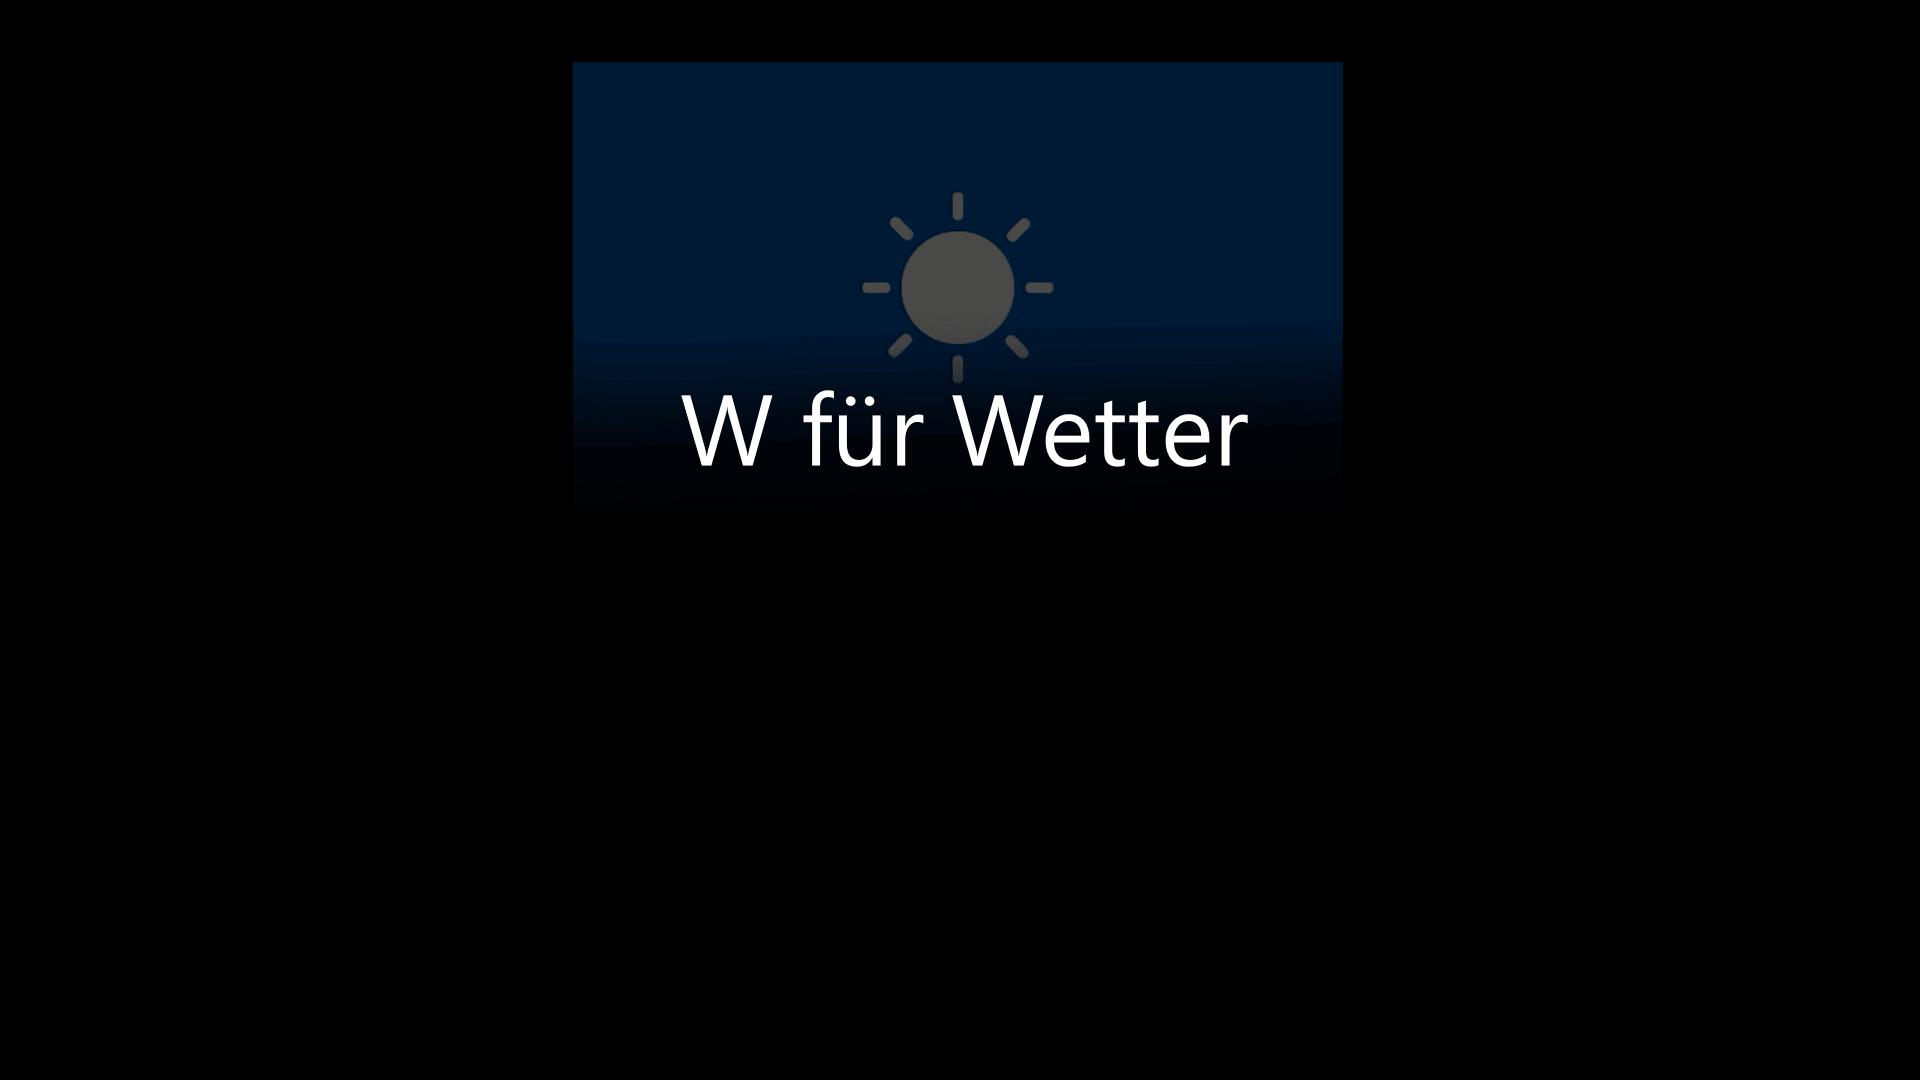 W für Wetter